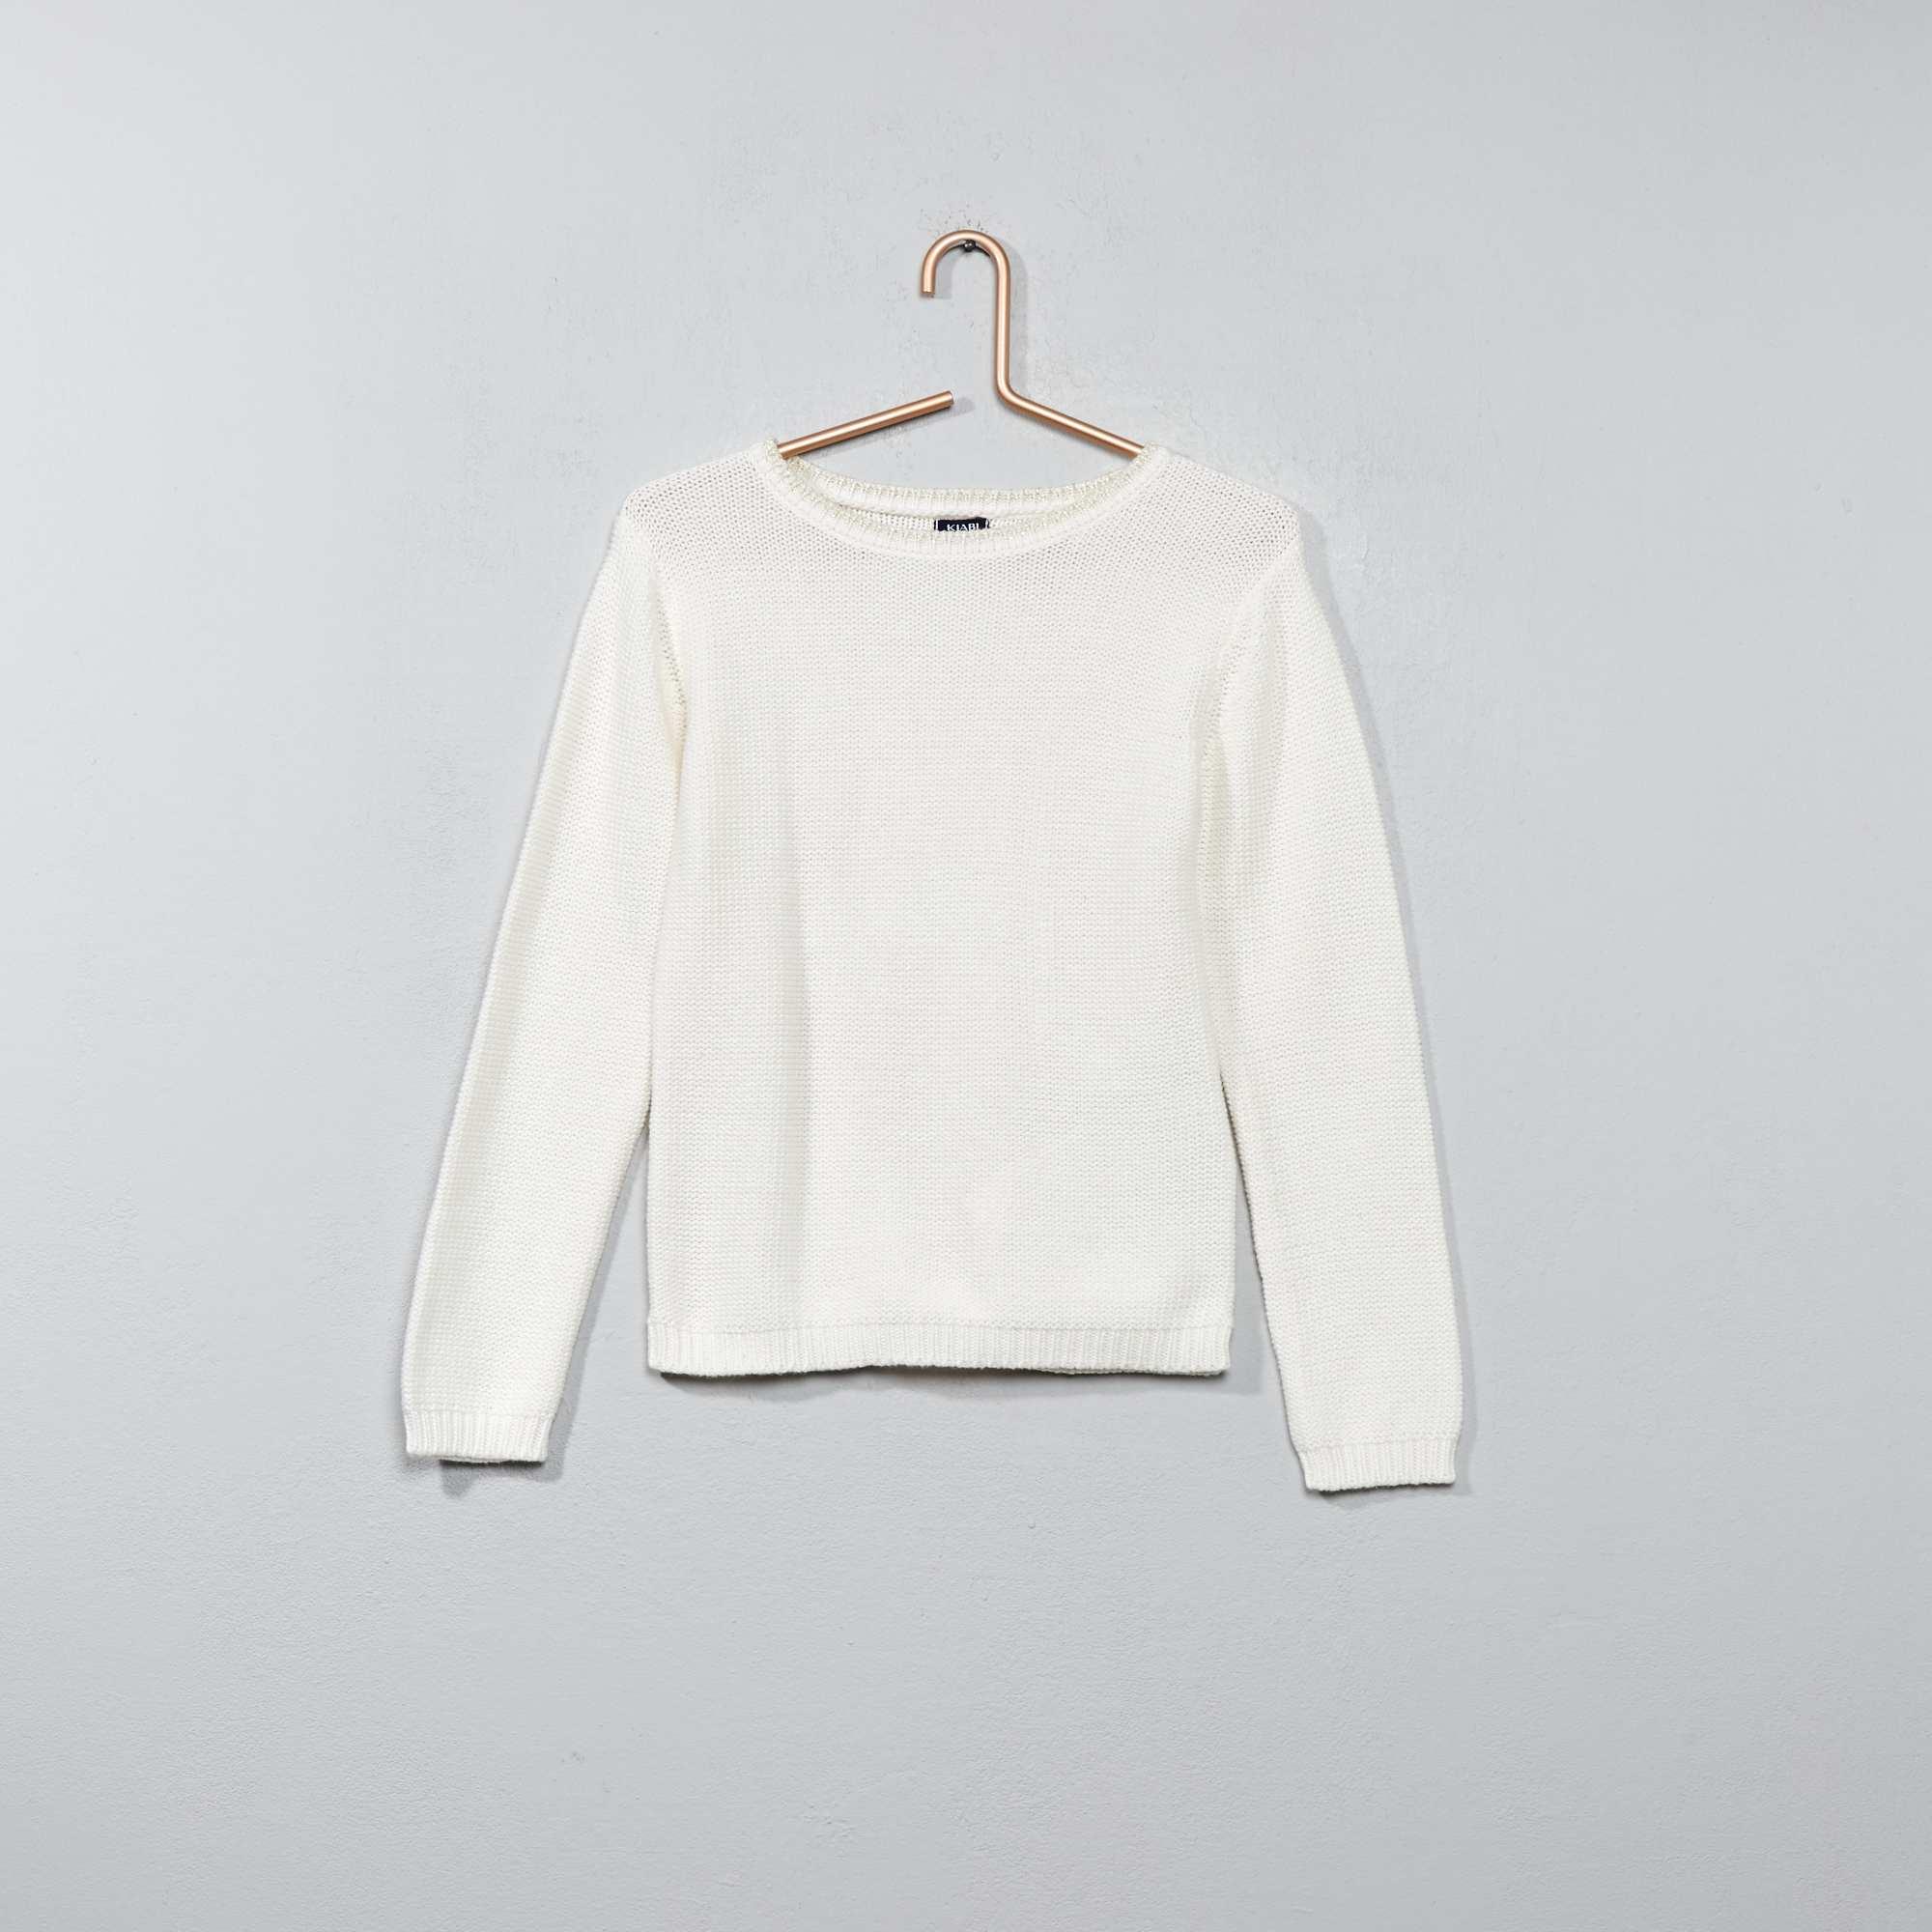 Jersey de cuello redondo con hilos brillantes chica for Blanco nieve